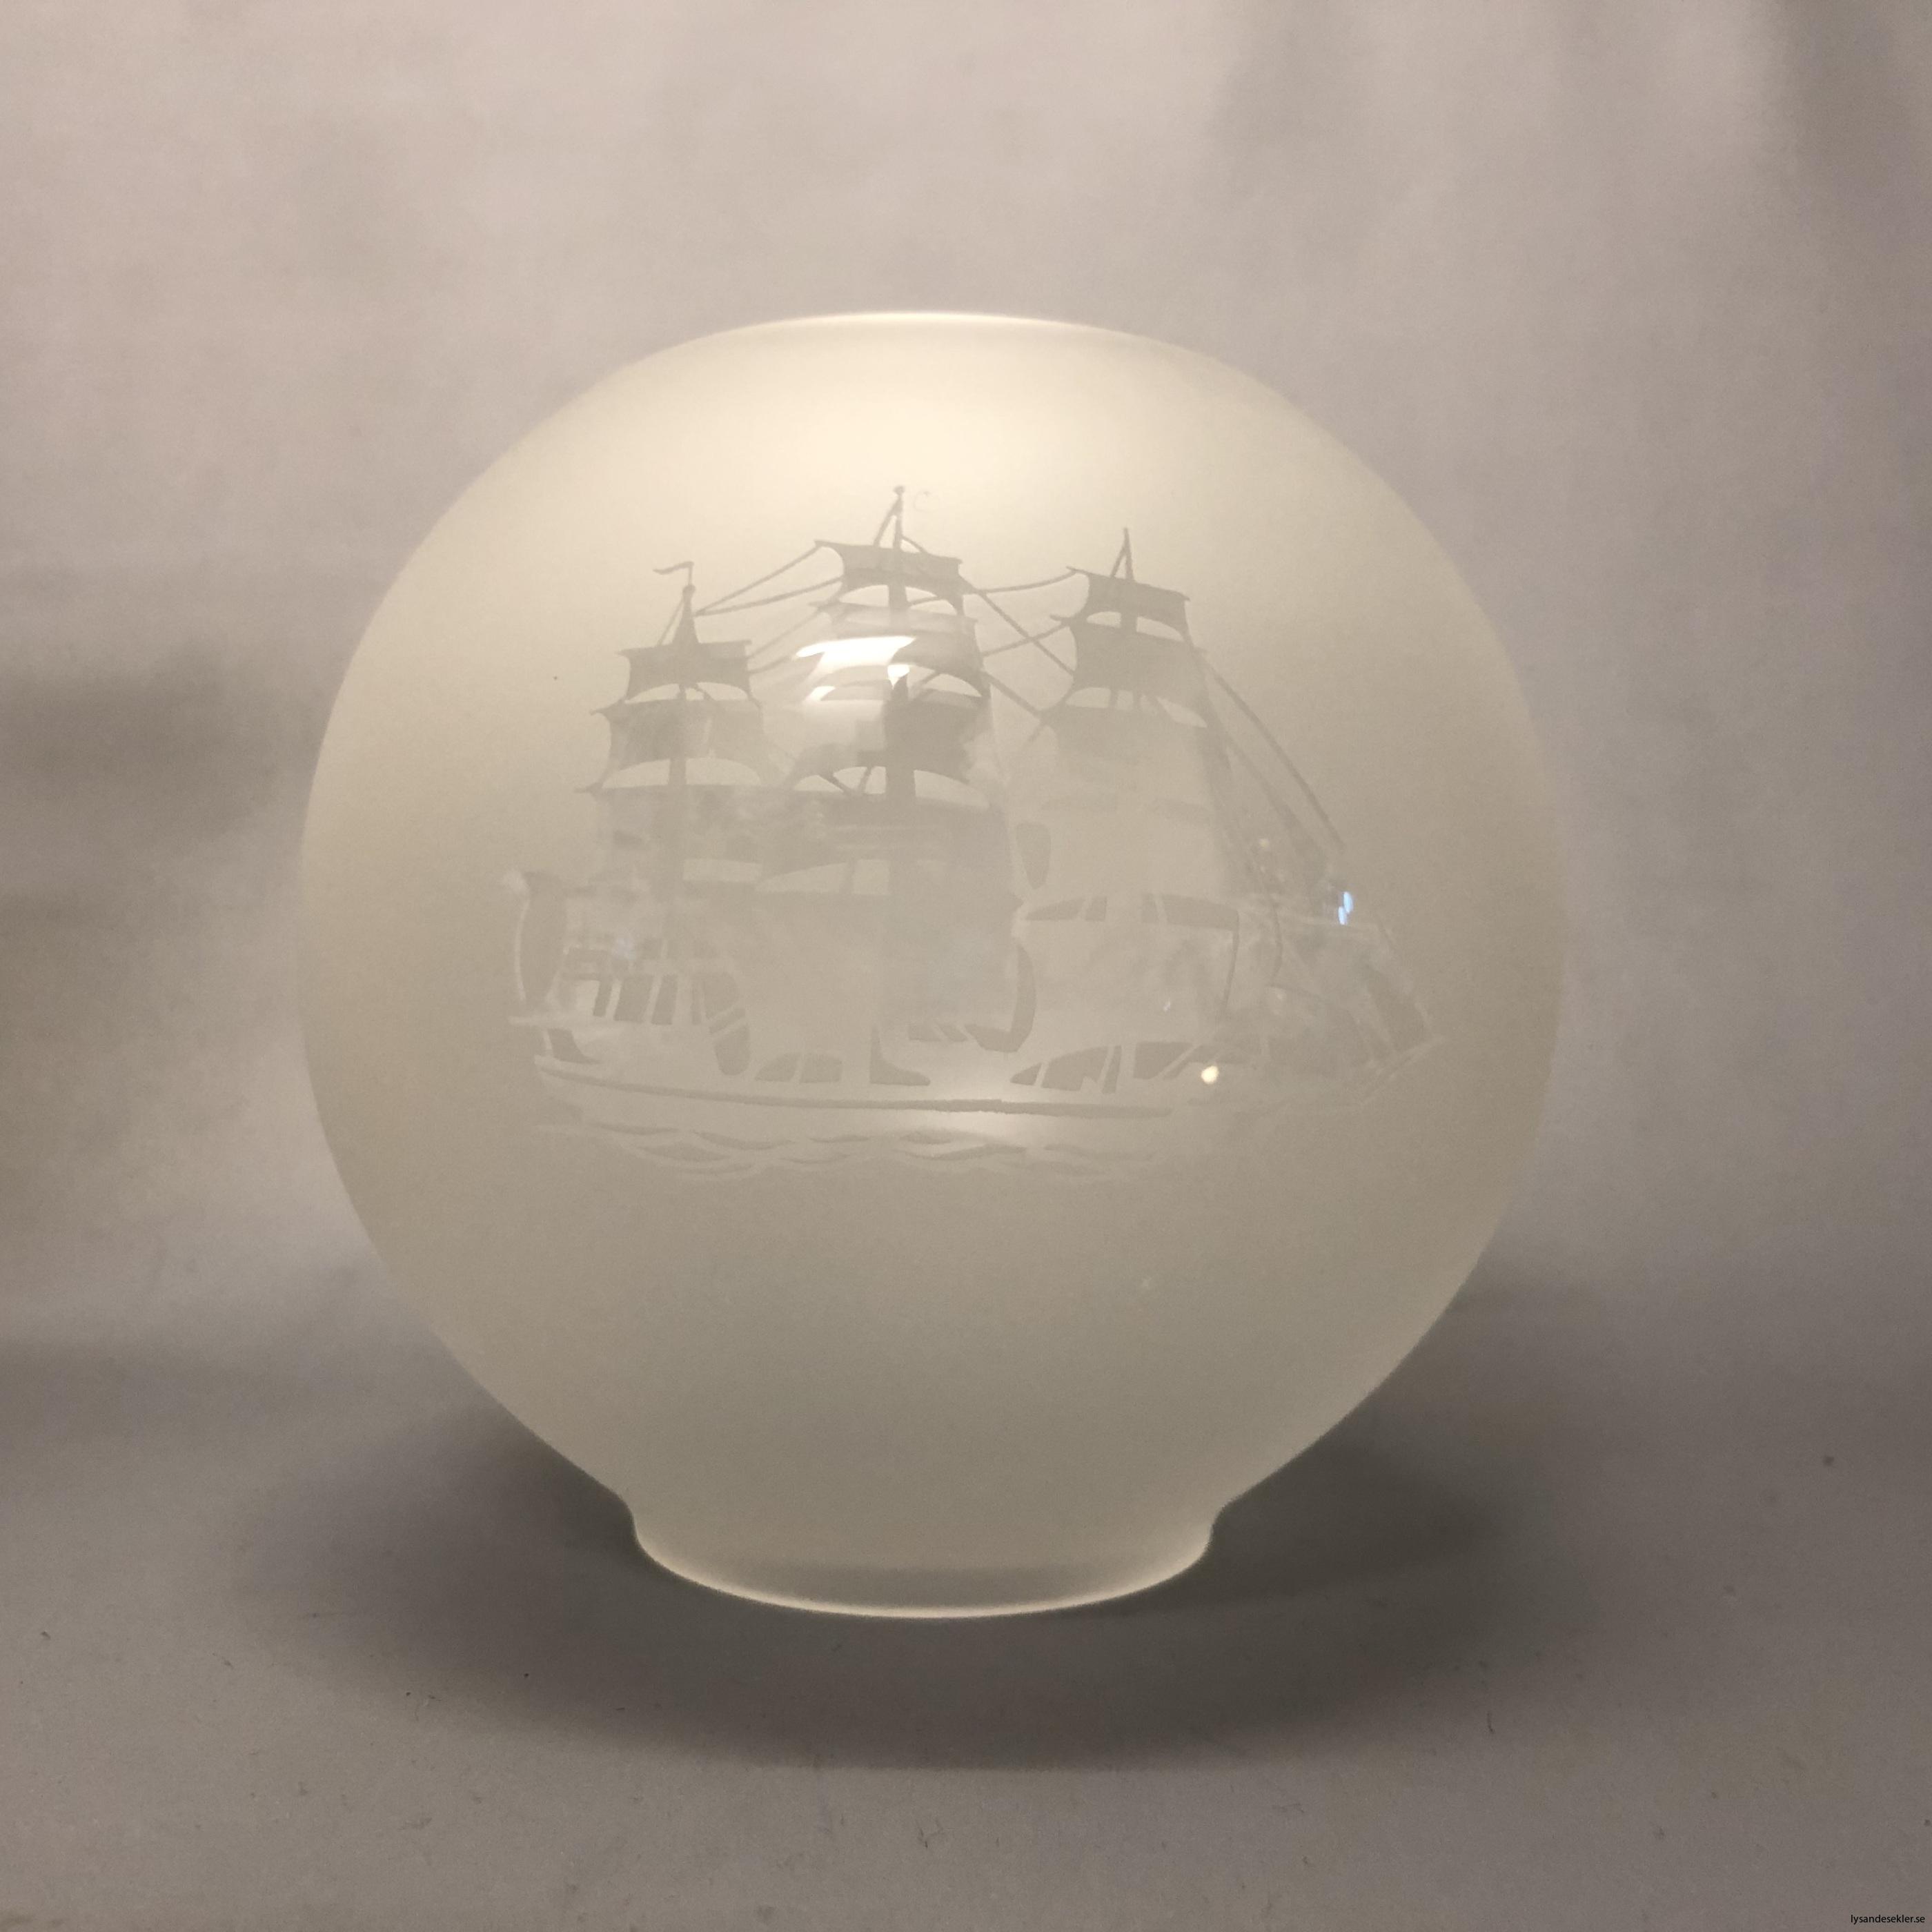 små klotkupor 135 mm till fotogenlampor dansk design6